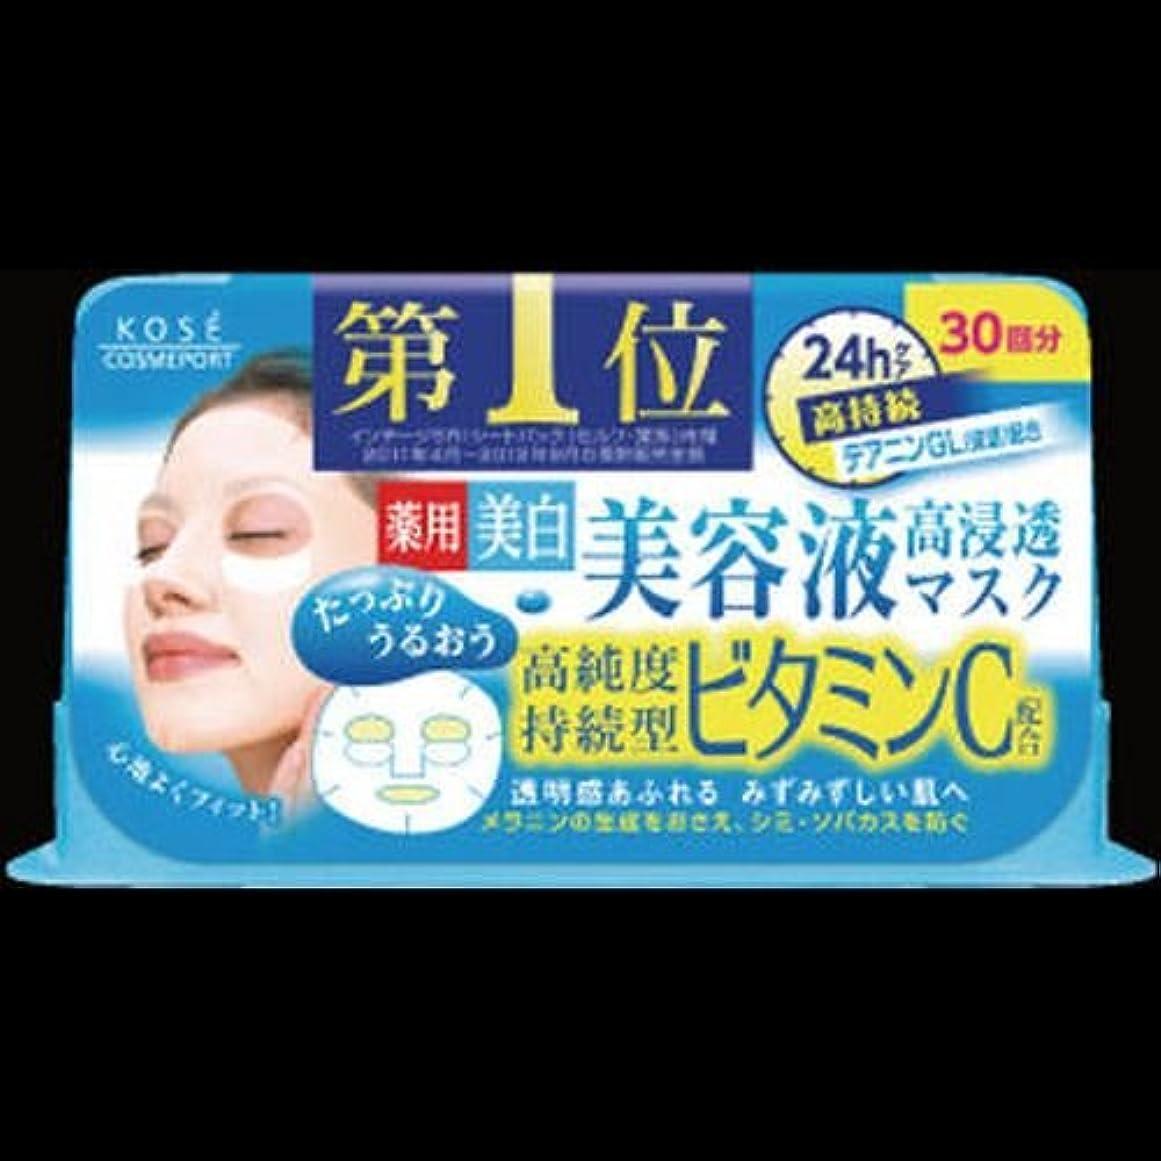 毎週傾いた寛大さクリアターン VC エッセンスマスク (ビタミンC) ×2セット